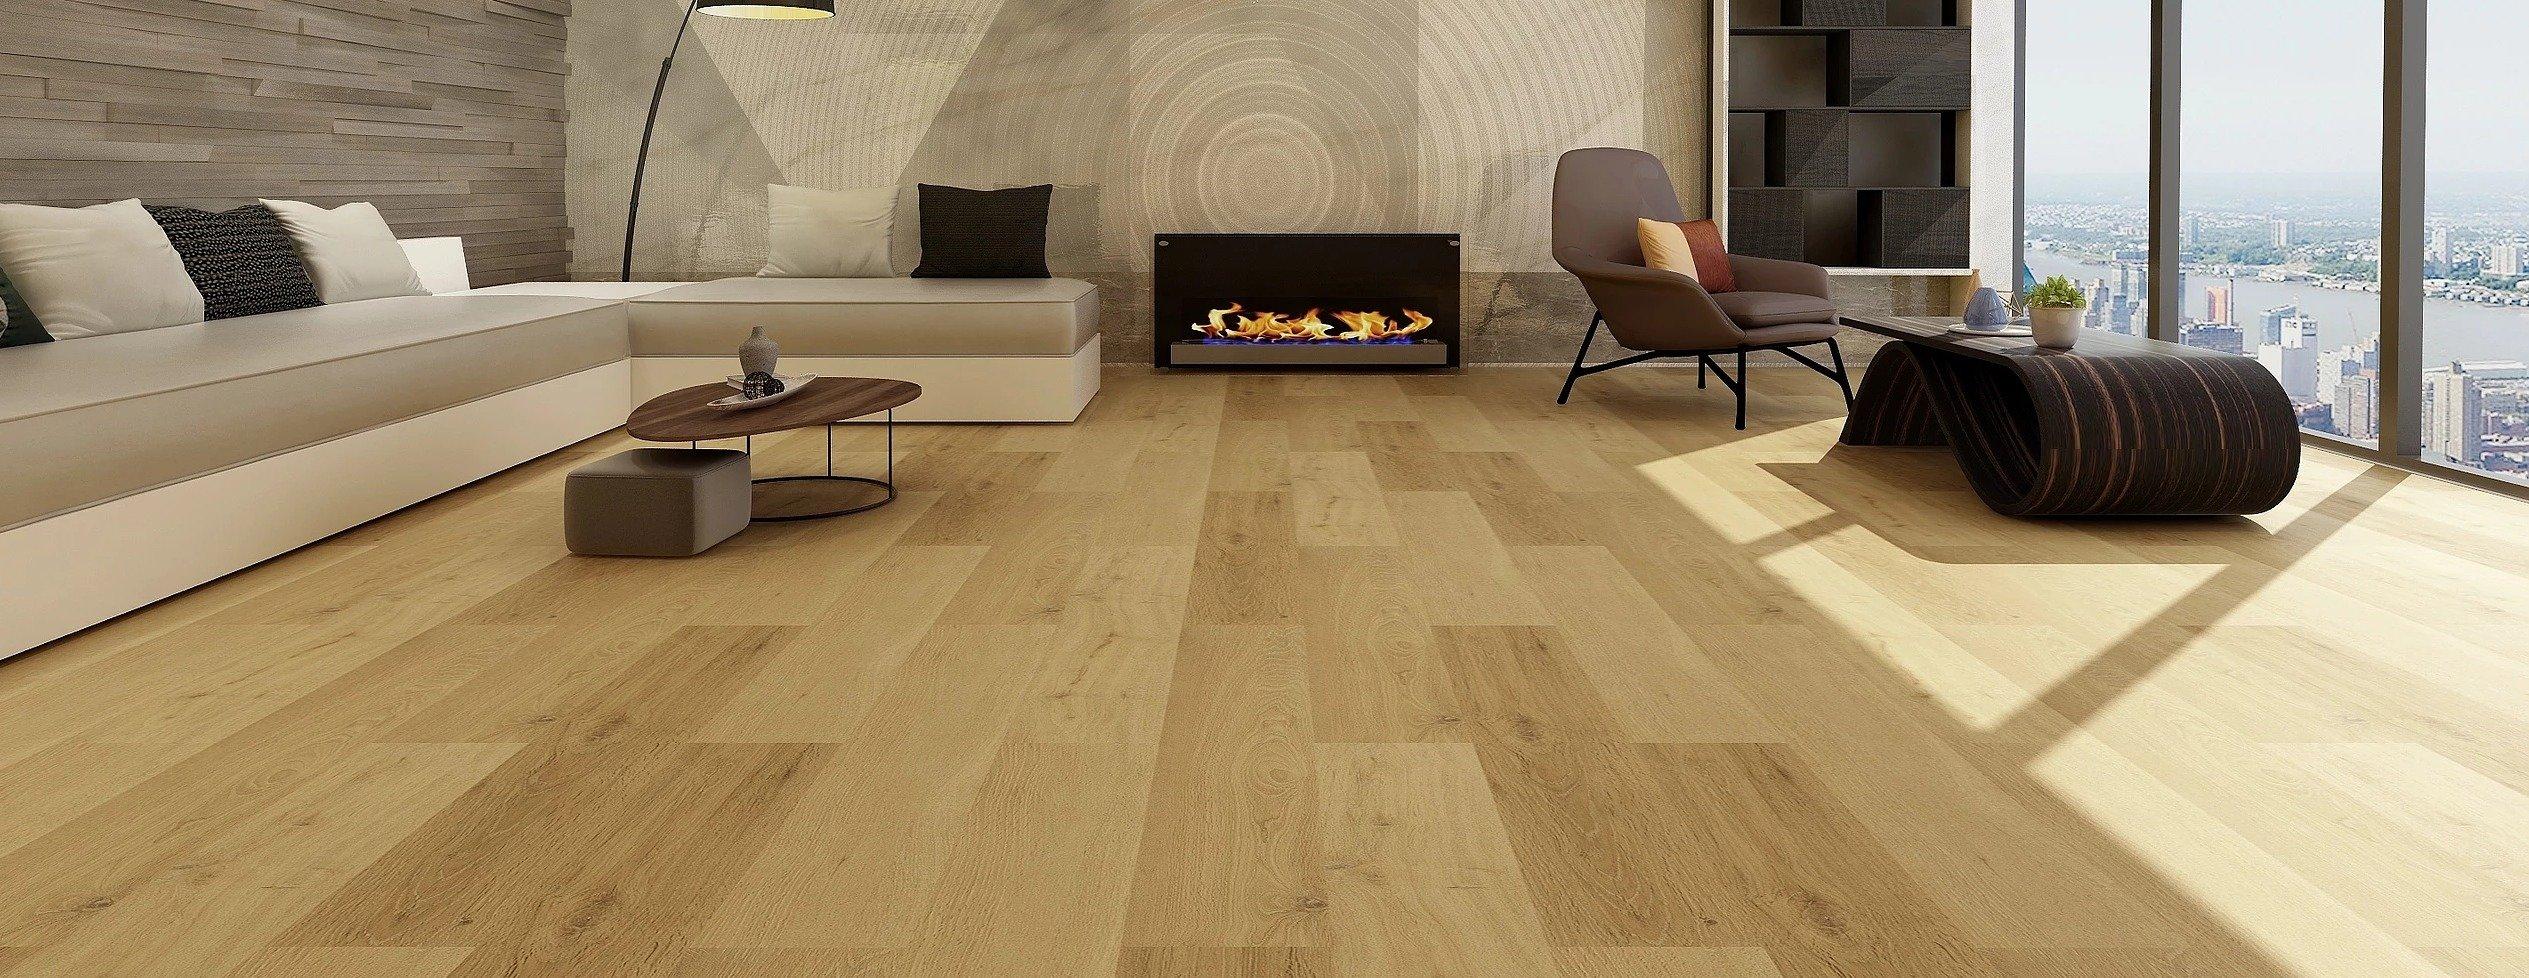 Definitive Hybrid Flooring 100 waterproof flooring